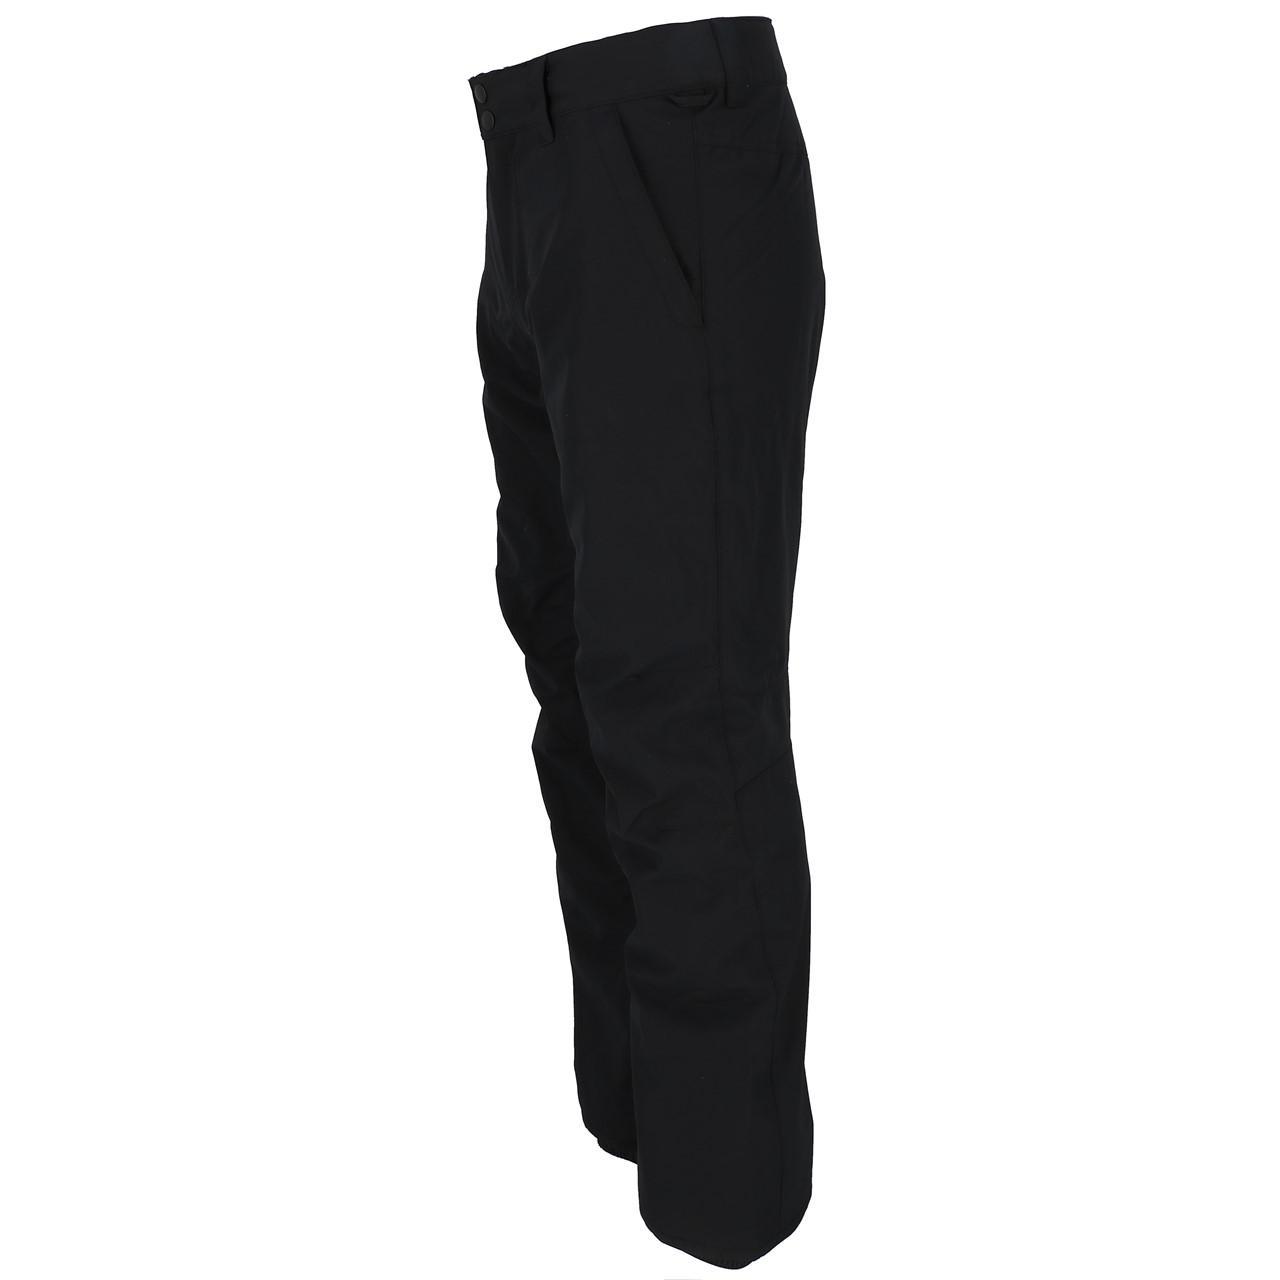 Ski-Pants-Surf-Quiksilver-Estate-Black-Pant-Ski-Jr-Black-27846-New thumbnail 2